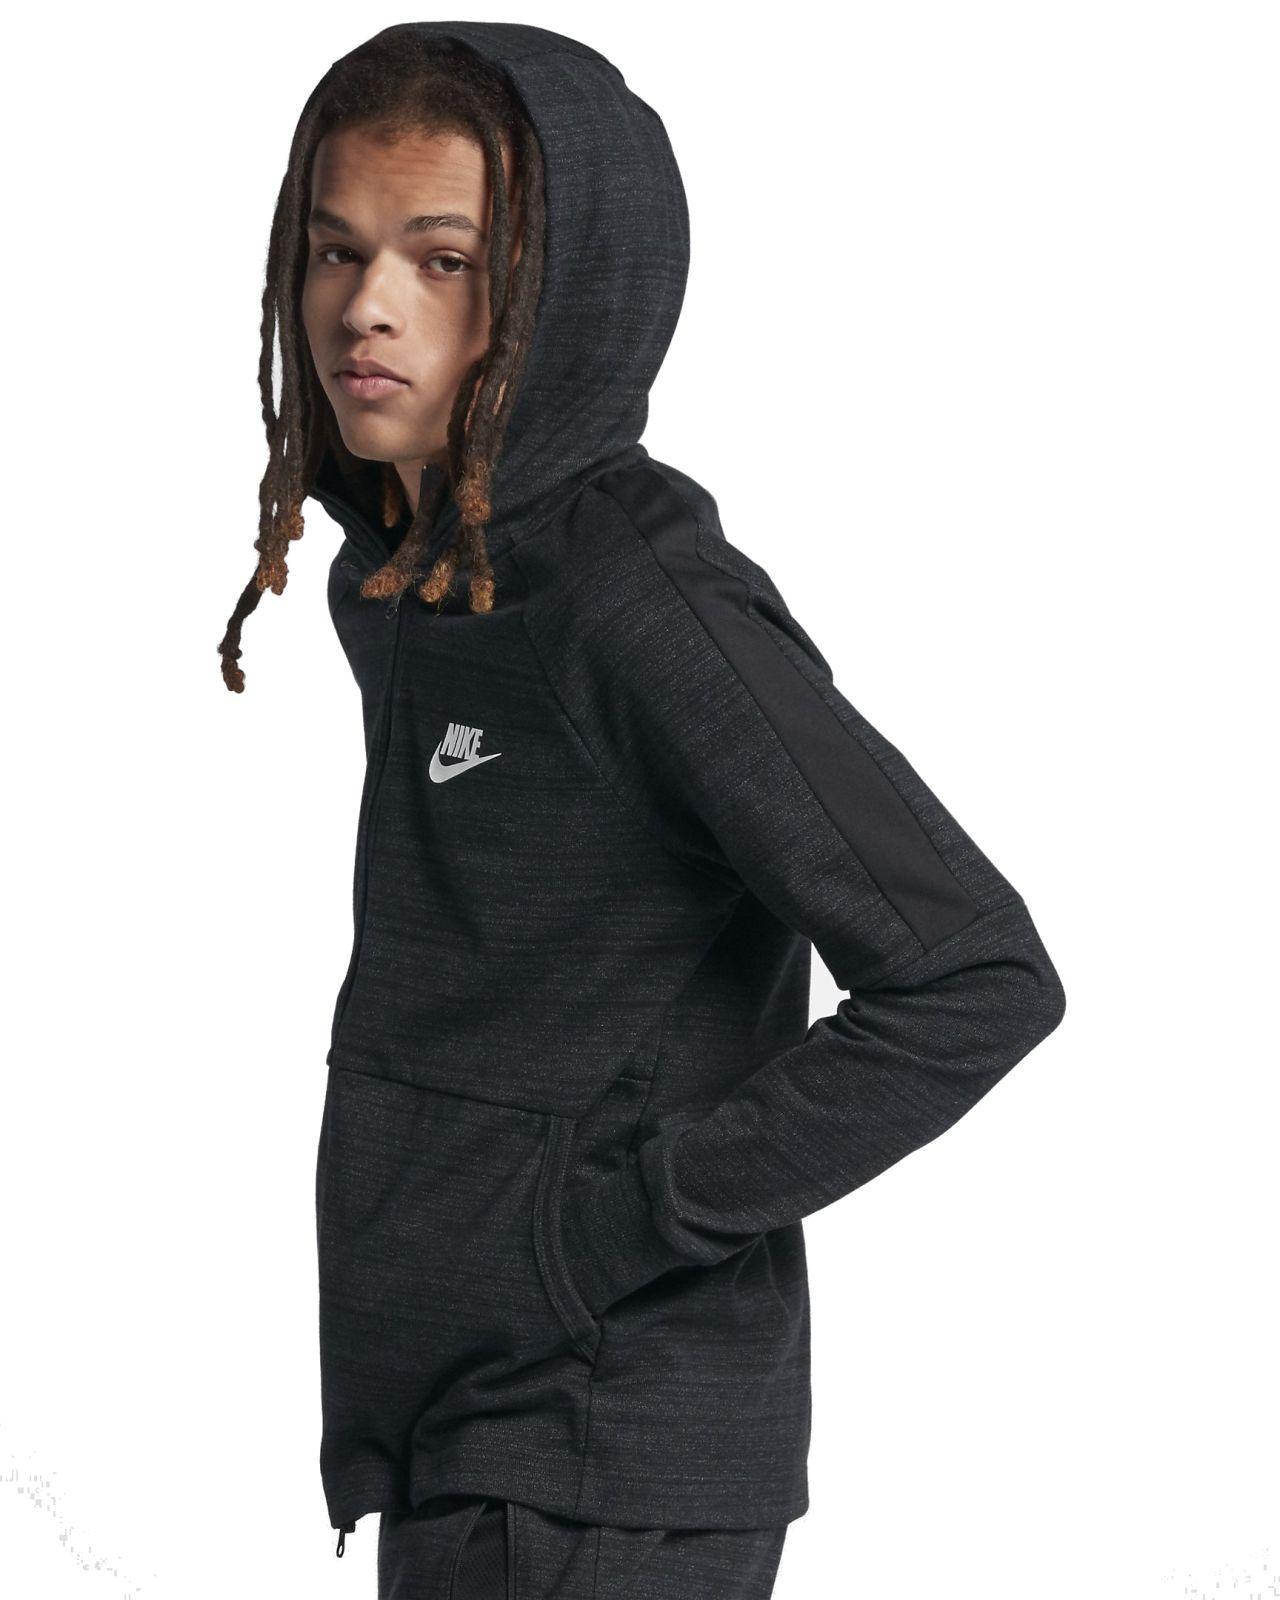 Die Nike Sportswear Advance 15 Herren-Hoodie mit durchgehendem  Reißverschluss sorgt mit warmem Material und einer Kapuze mit Einsatz für  bequemen Schutz. 91e852e818